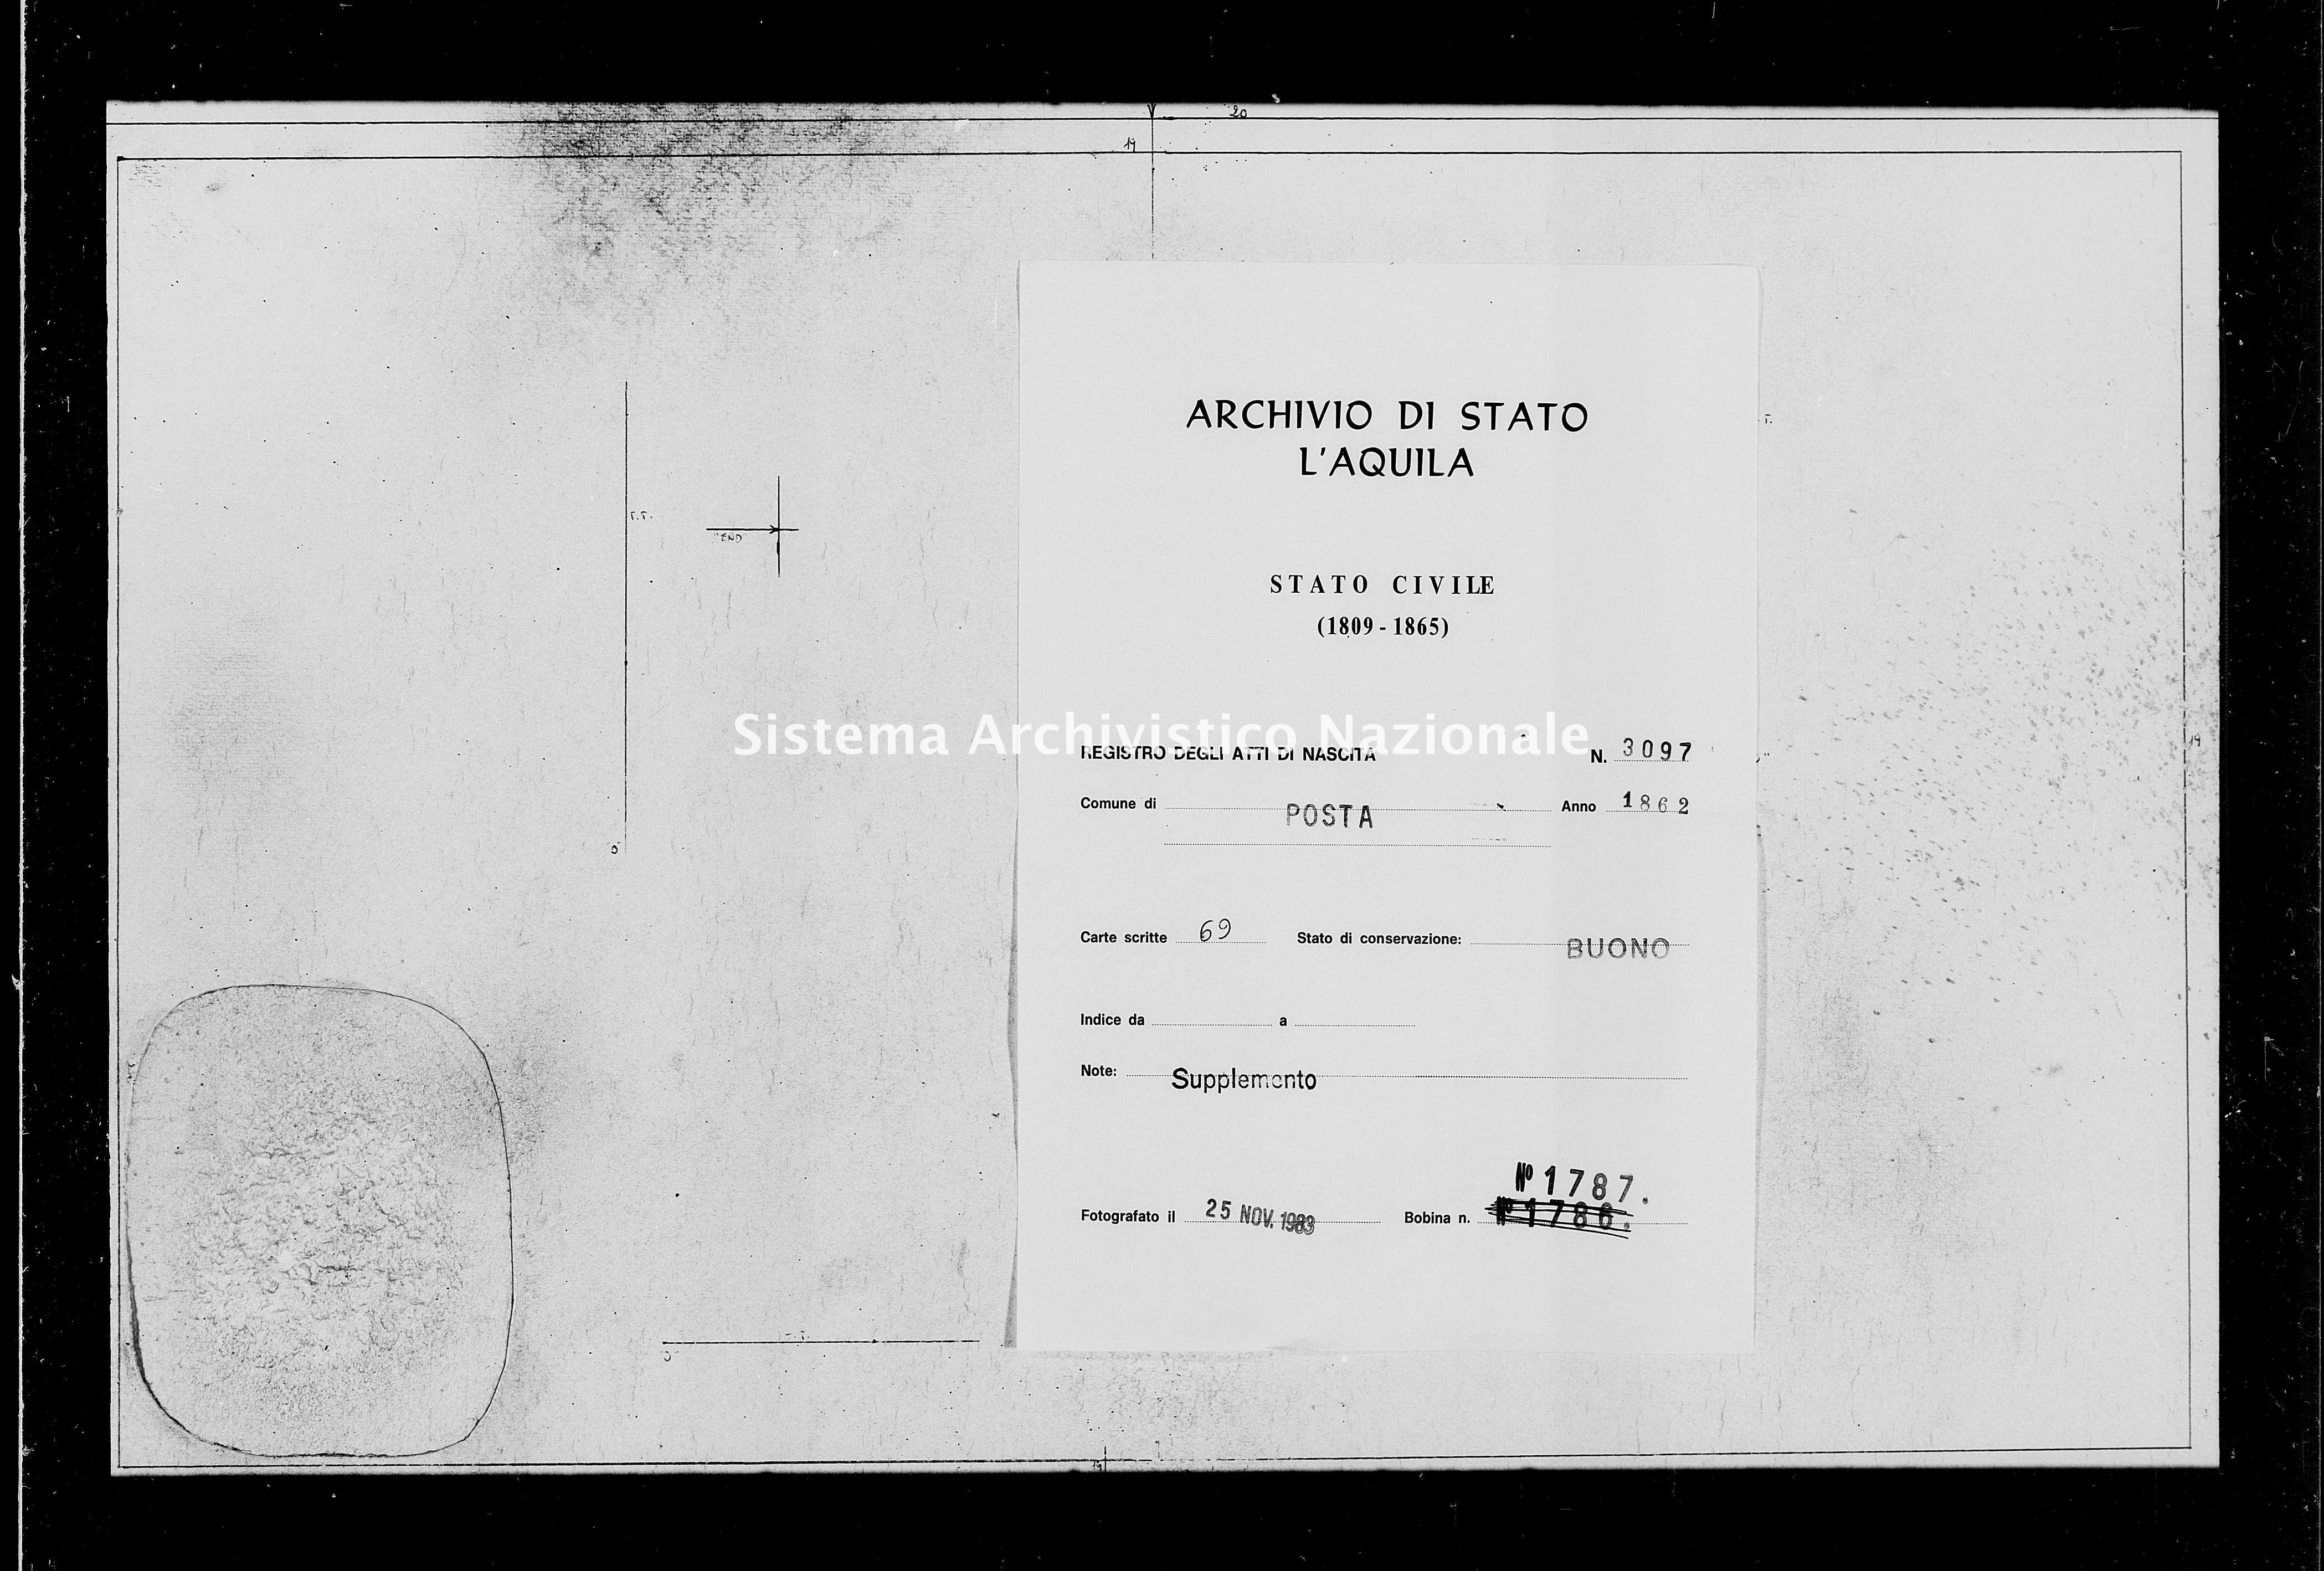 Archivio di stato di L'aquila - Stato civile italiano - Posta - Nati, battesimi - 1862 - 3097 -